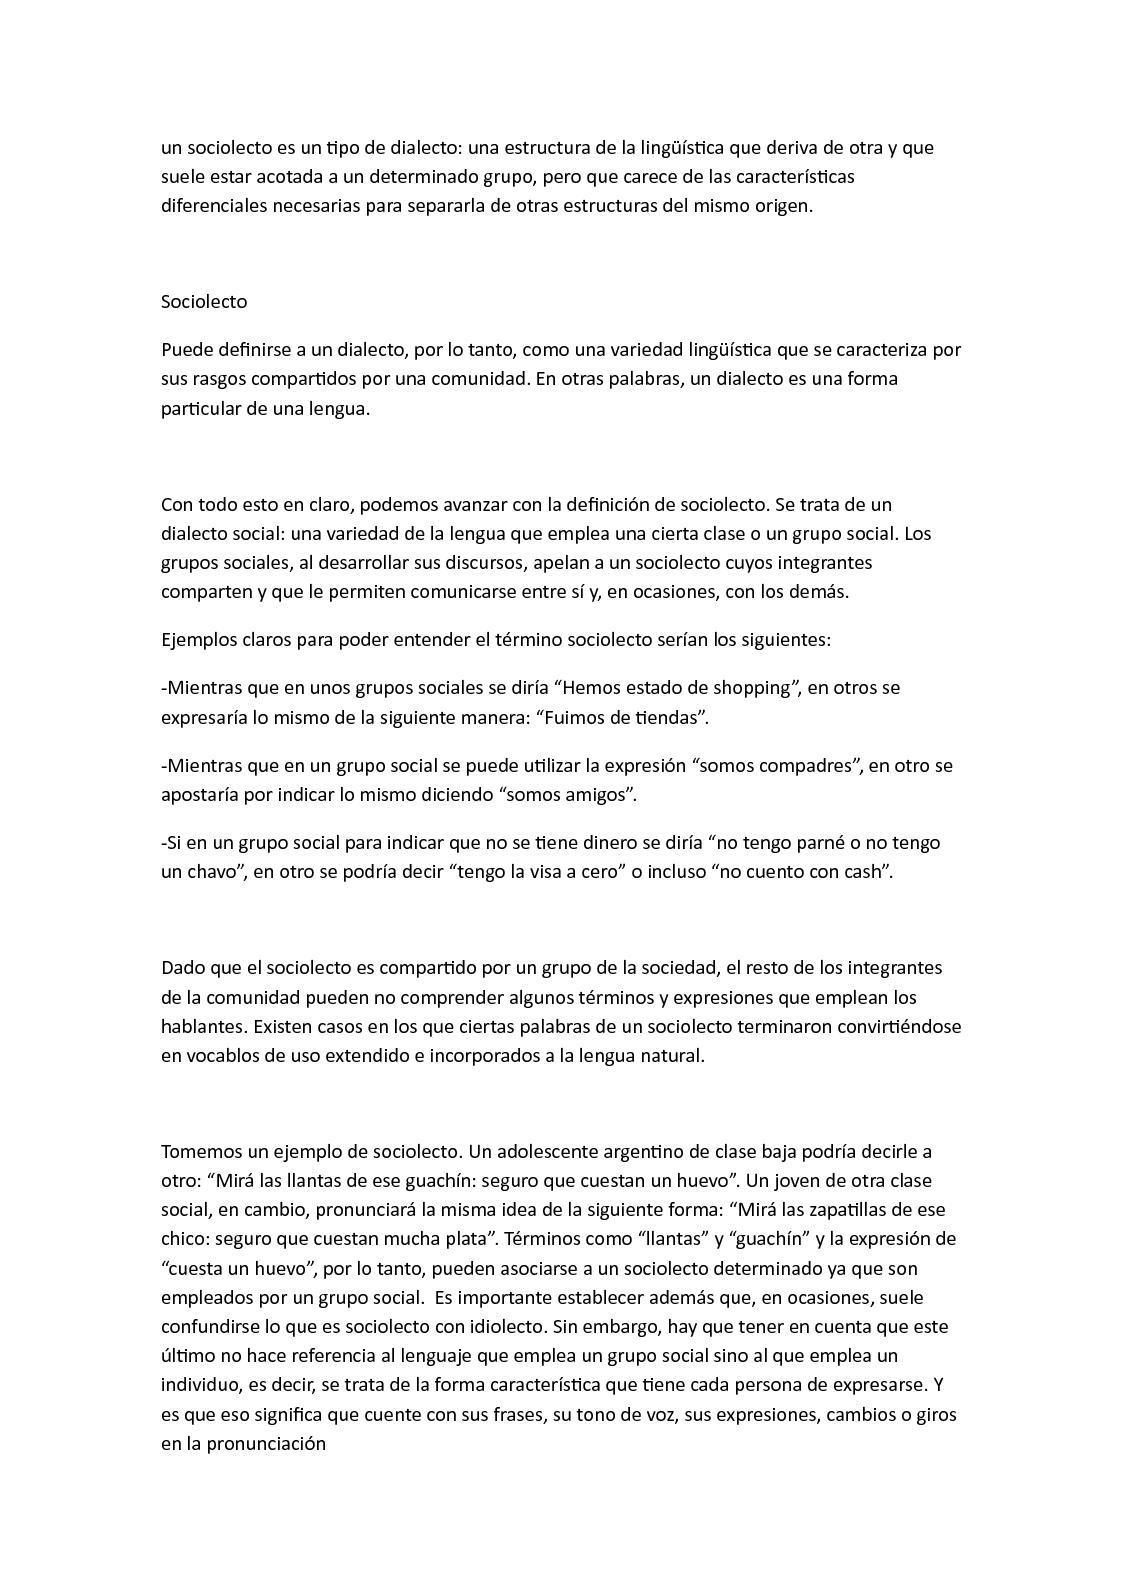 SOCIOLECTO DEFINICION EPUB